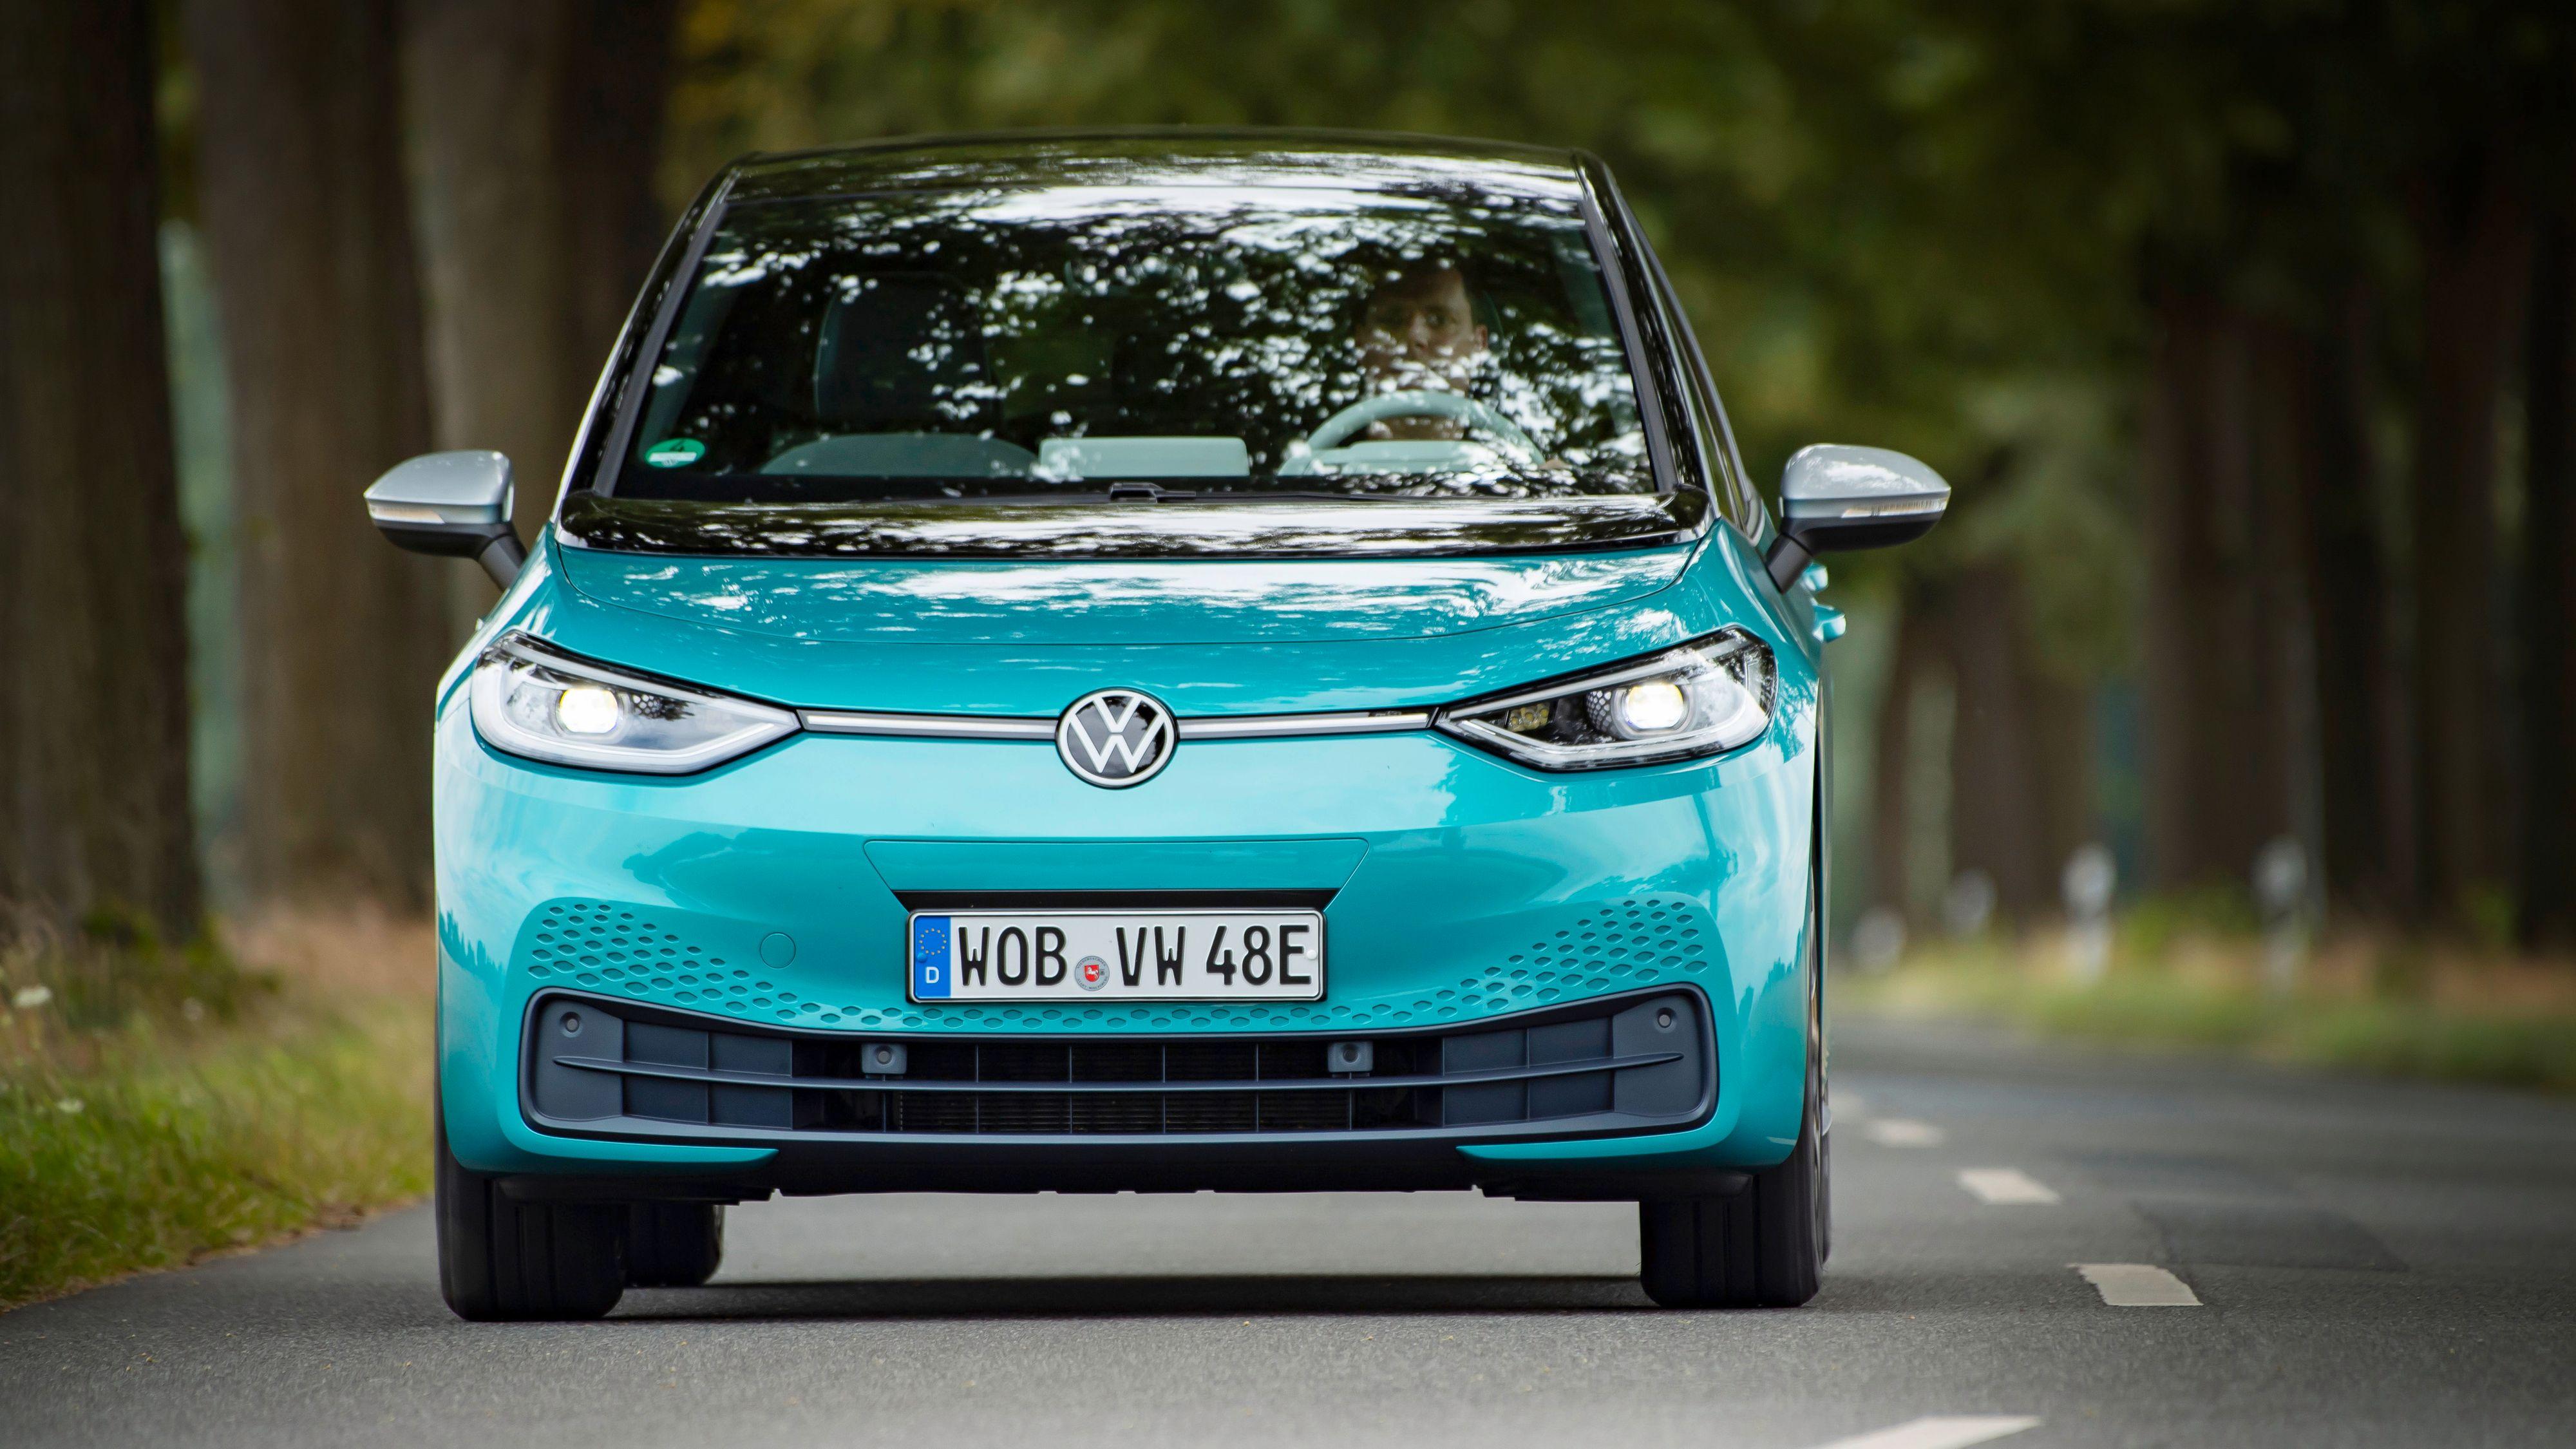 VW ID.3 prøvekjørt: Det mest spektakulære er støydempingen